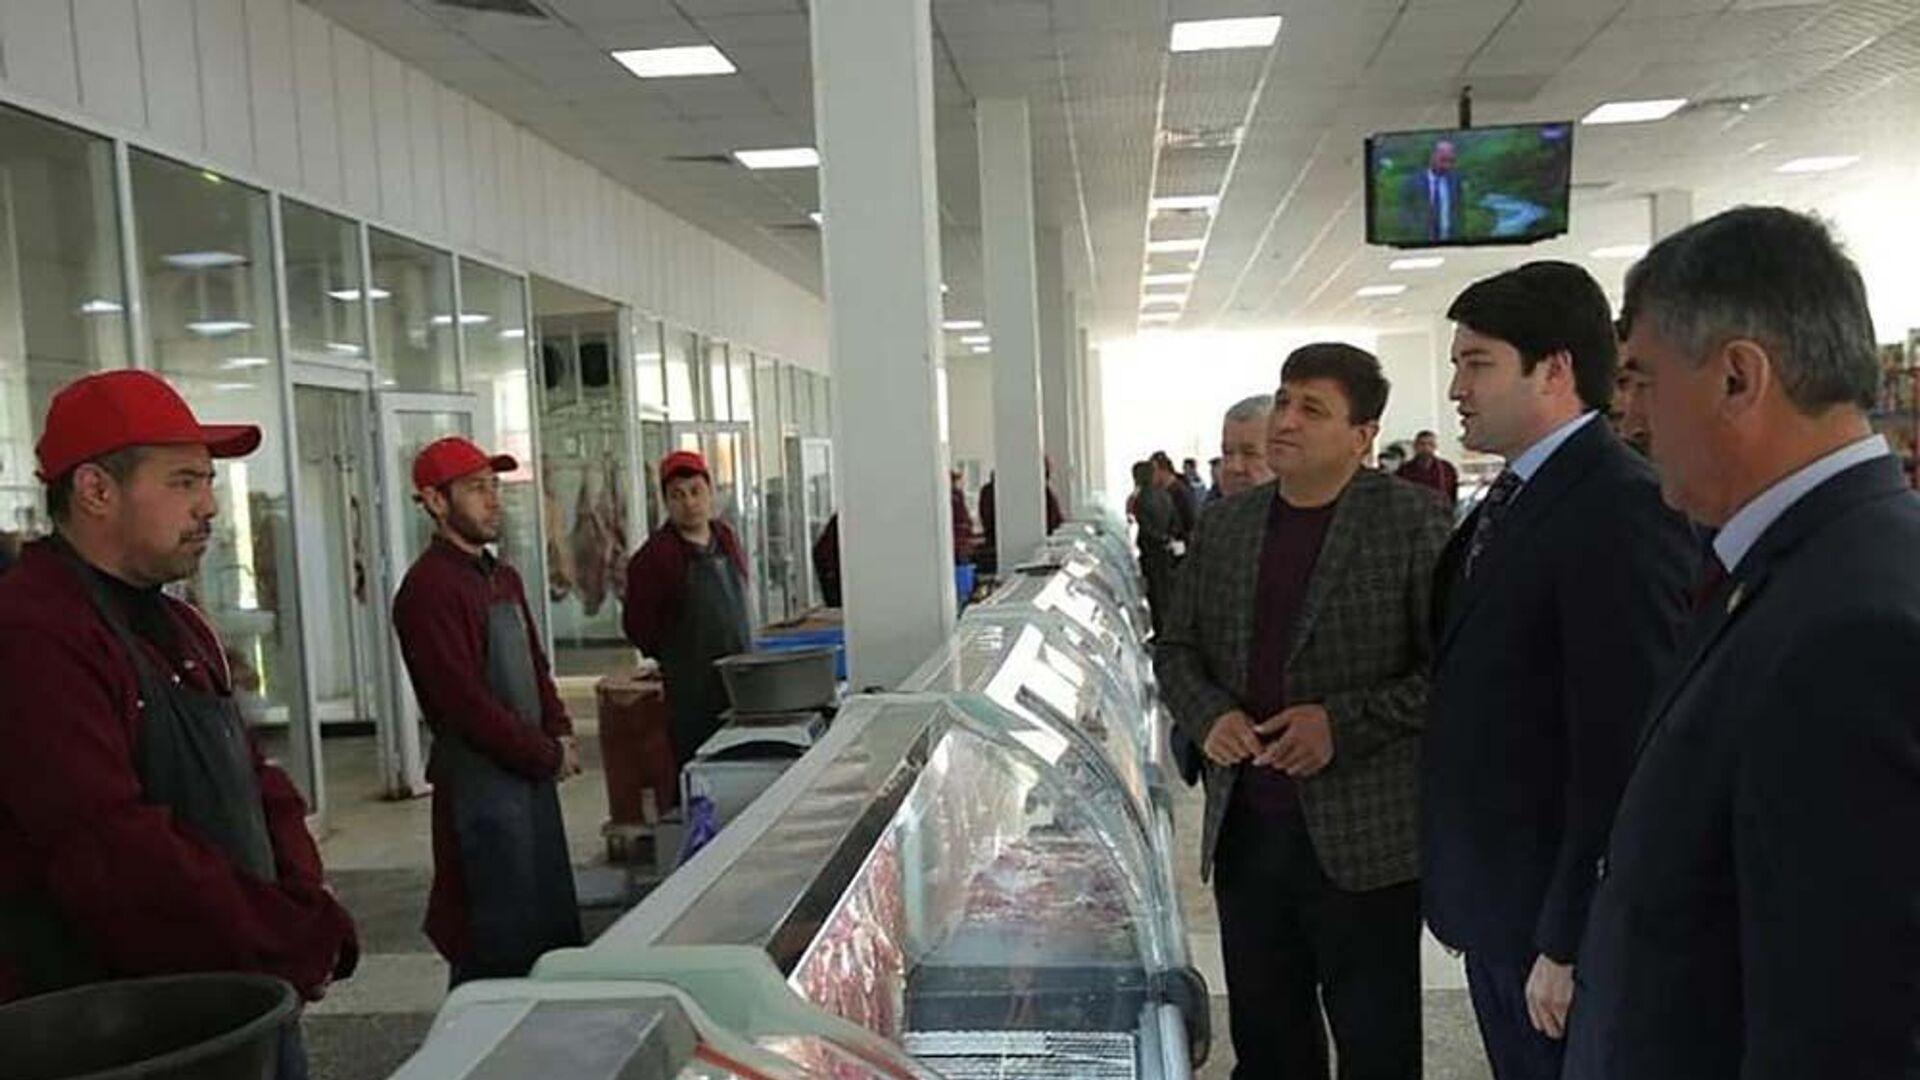 Открытие мясного магазина в Душанбе - Sputnik Тоҷикистон, 1920, 07.04.2021